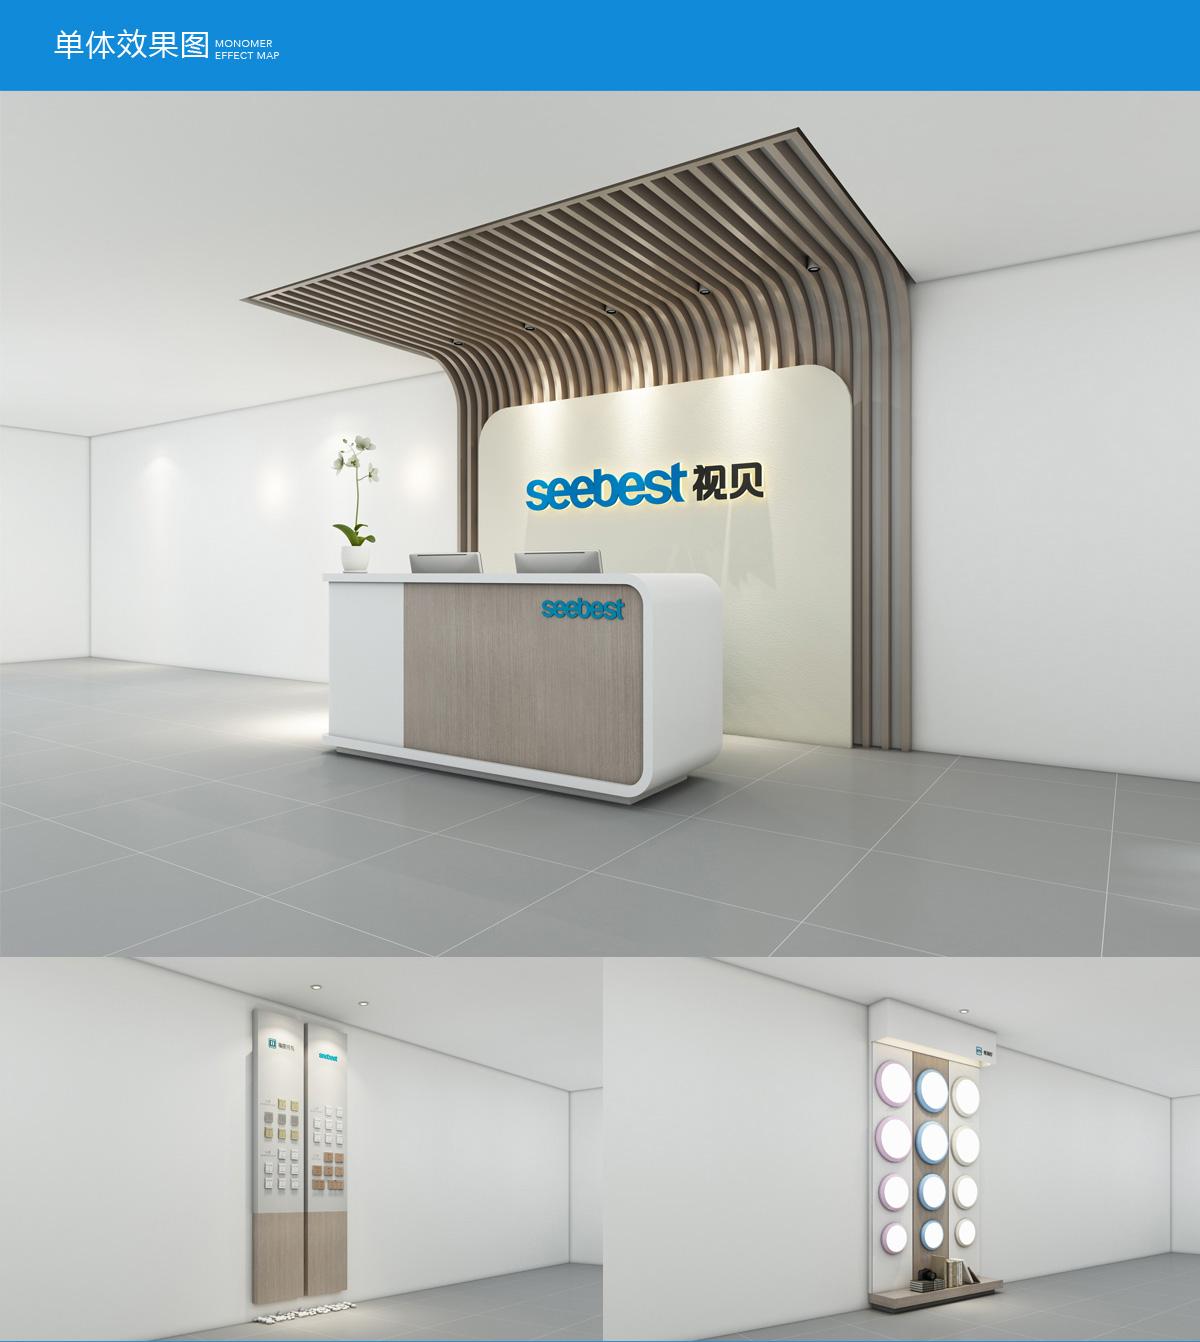 视贝照明品牌设计/展厅设计/包装设计效果图7